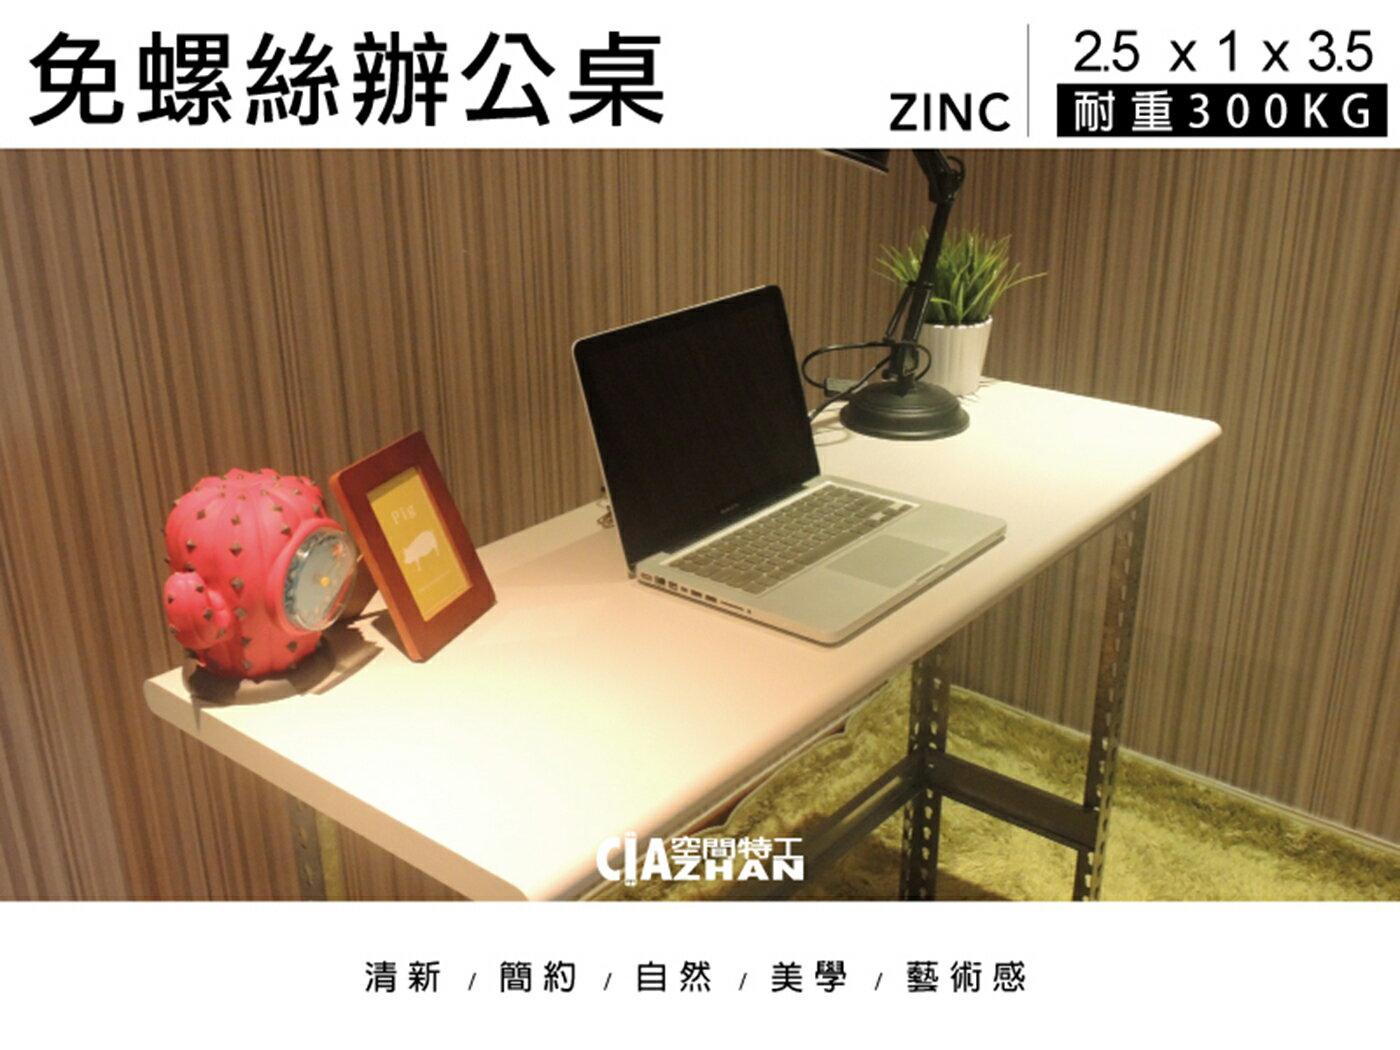 電腦桌♞空間特工♞OA辦公桌(雪白桌板120x45cm,高密度塑合板 抗刮耐磨)鍍鋅角鋼桌 書桌 茶几桌 免運費 0